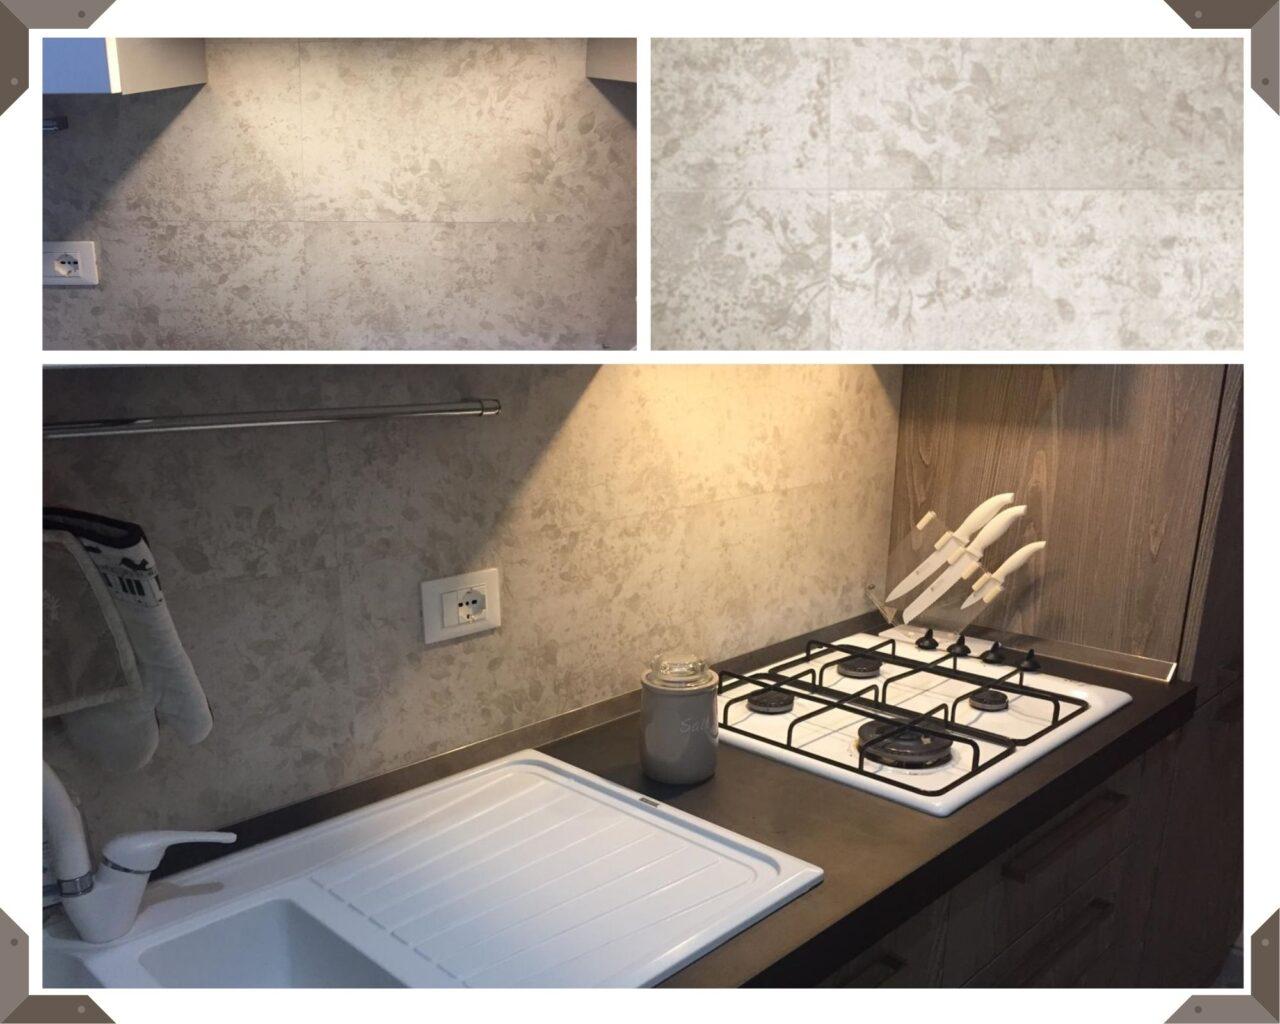 casa-privata-borgosatollo-cucina-1280x1024.jpg